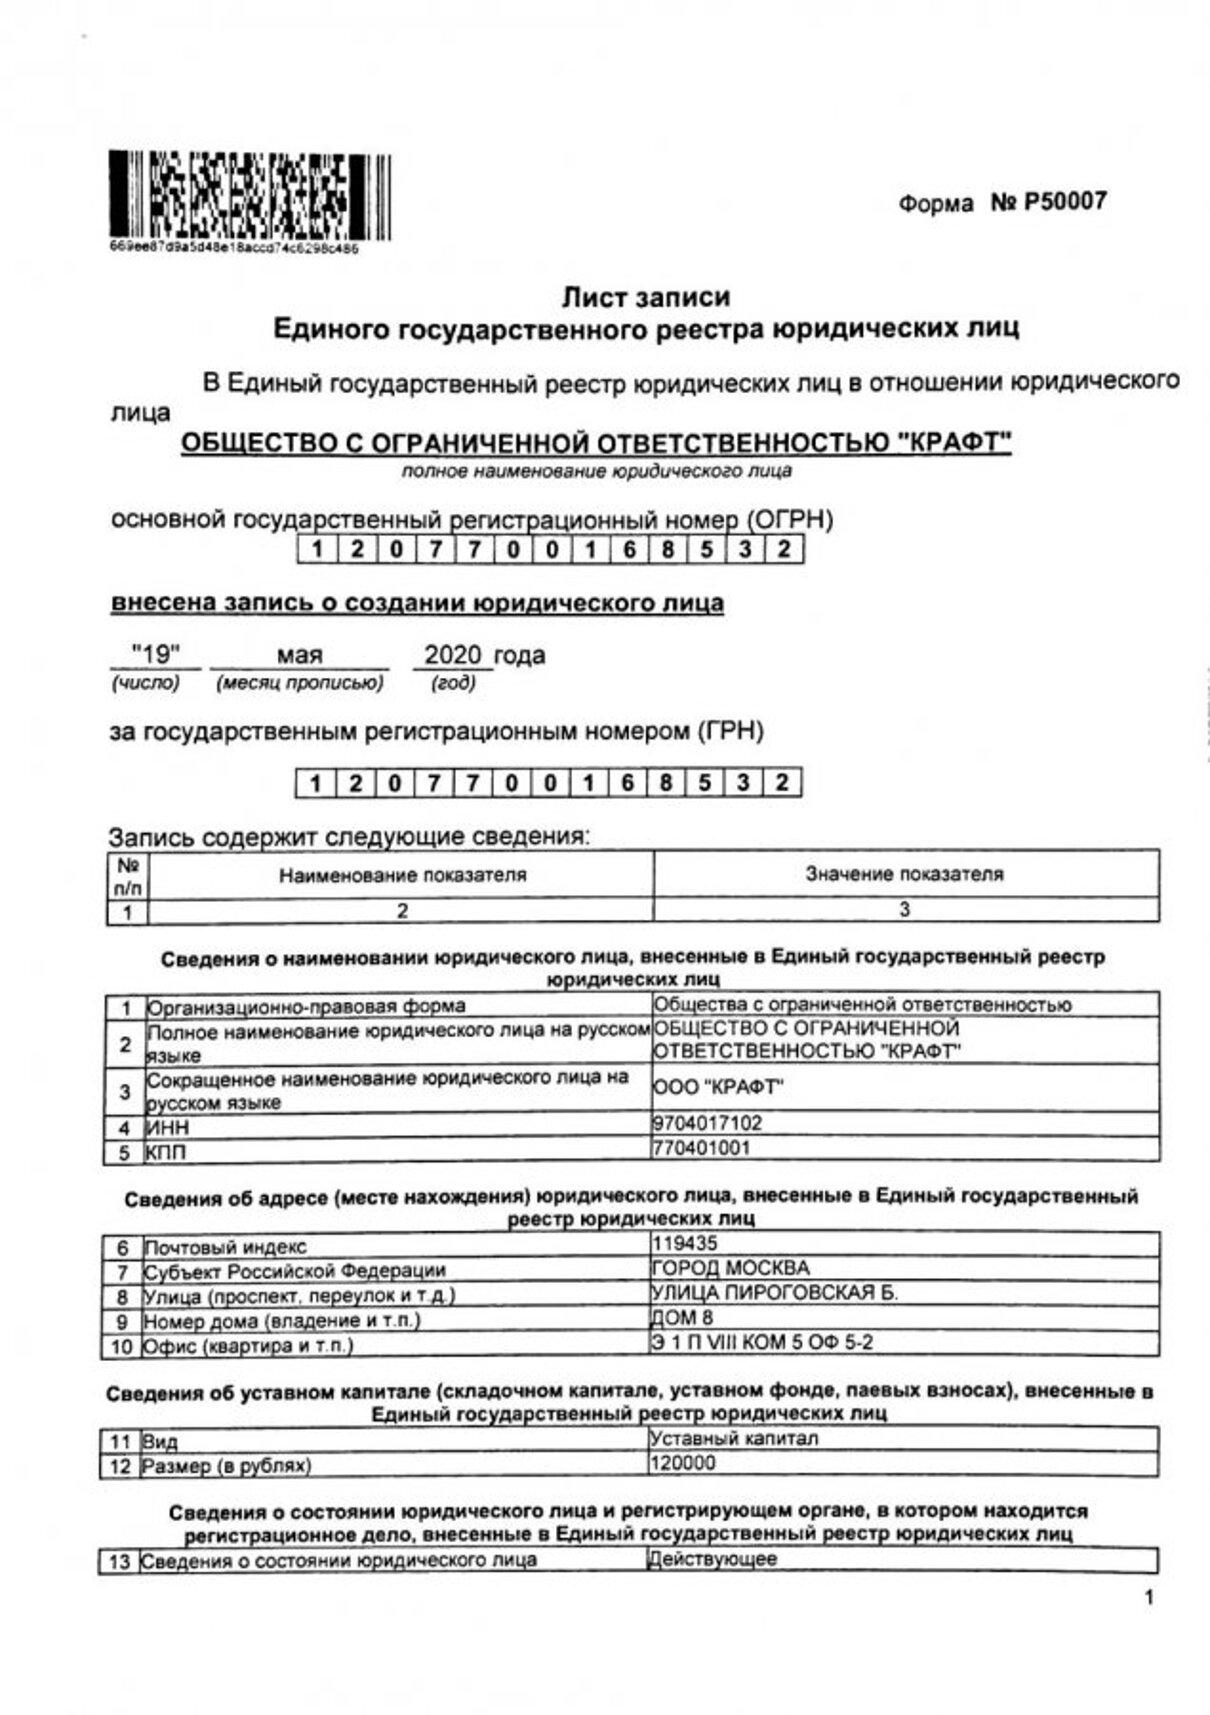 Жалоба-отзыв: Барченков Андрей Алексеевич - Обман и мошенничество.  Фото №2